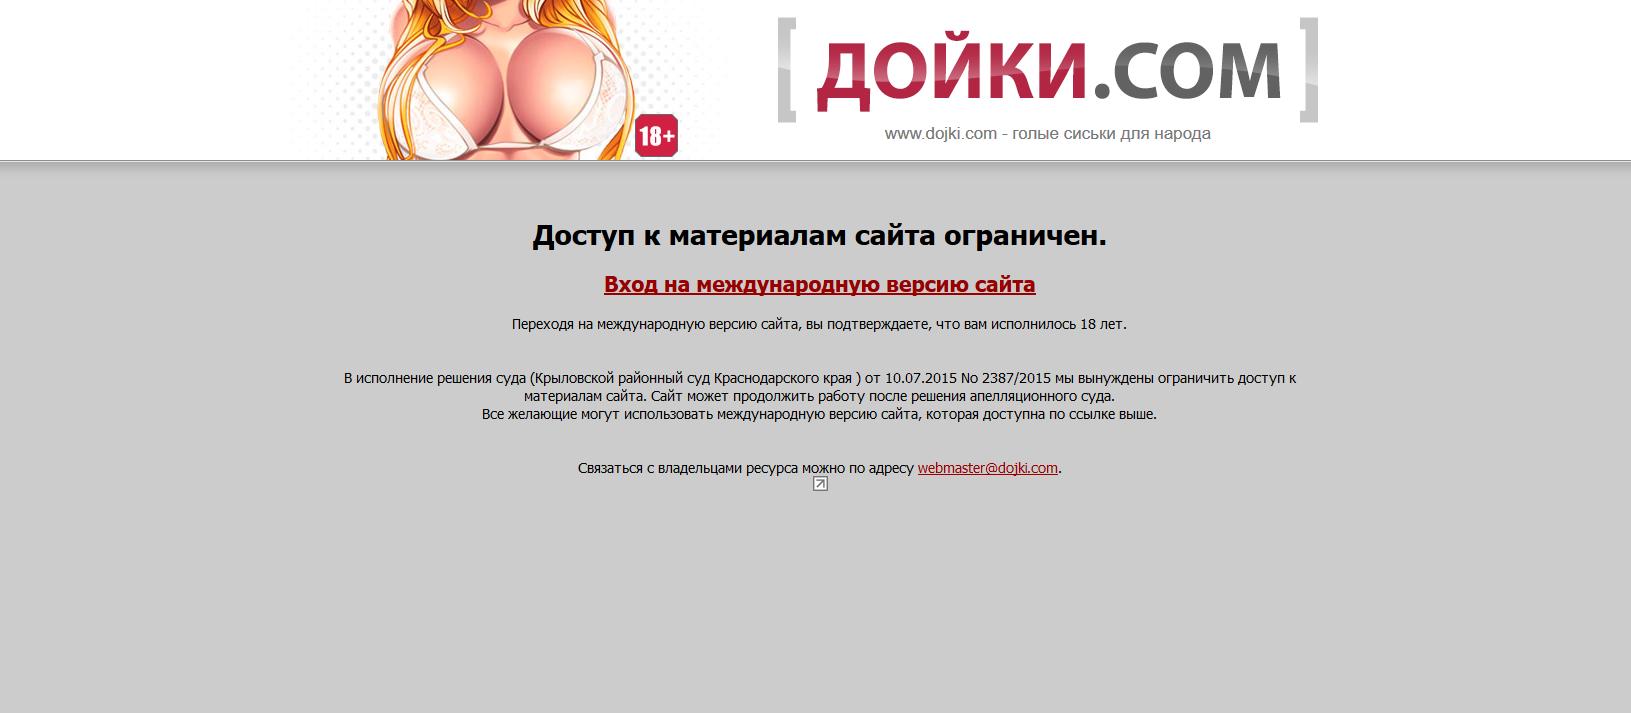 Сайт порнохуп сом 2 фотография